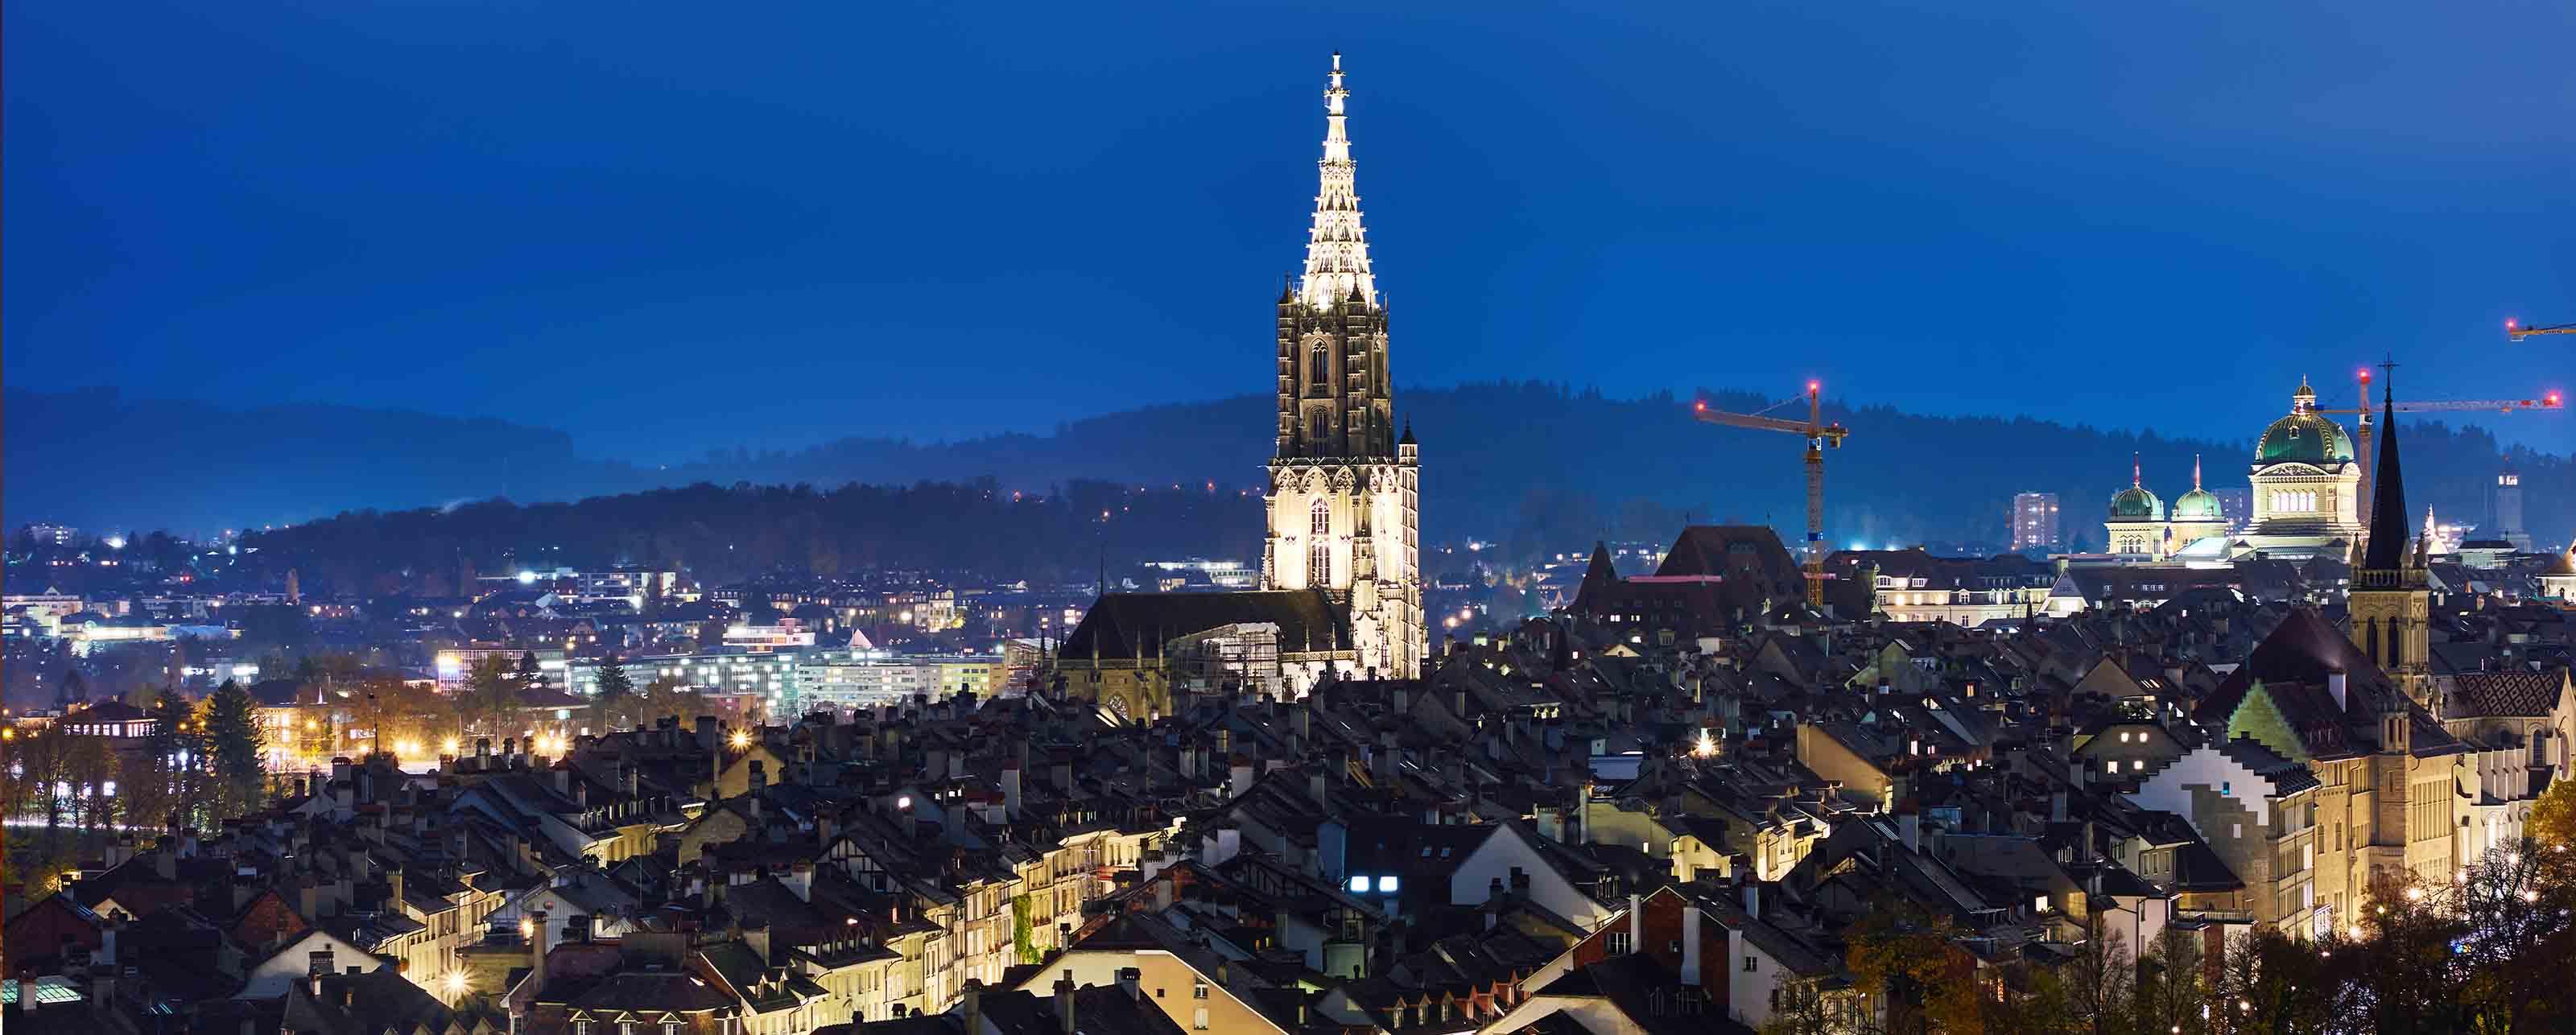 Swisscom uses GE software to keep telecom network optimized